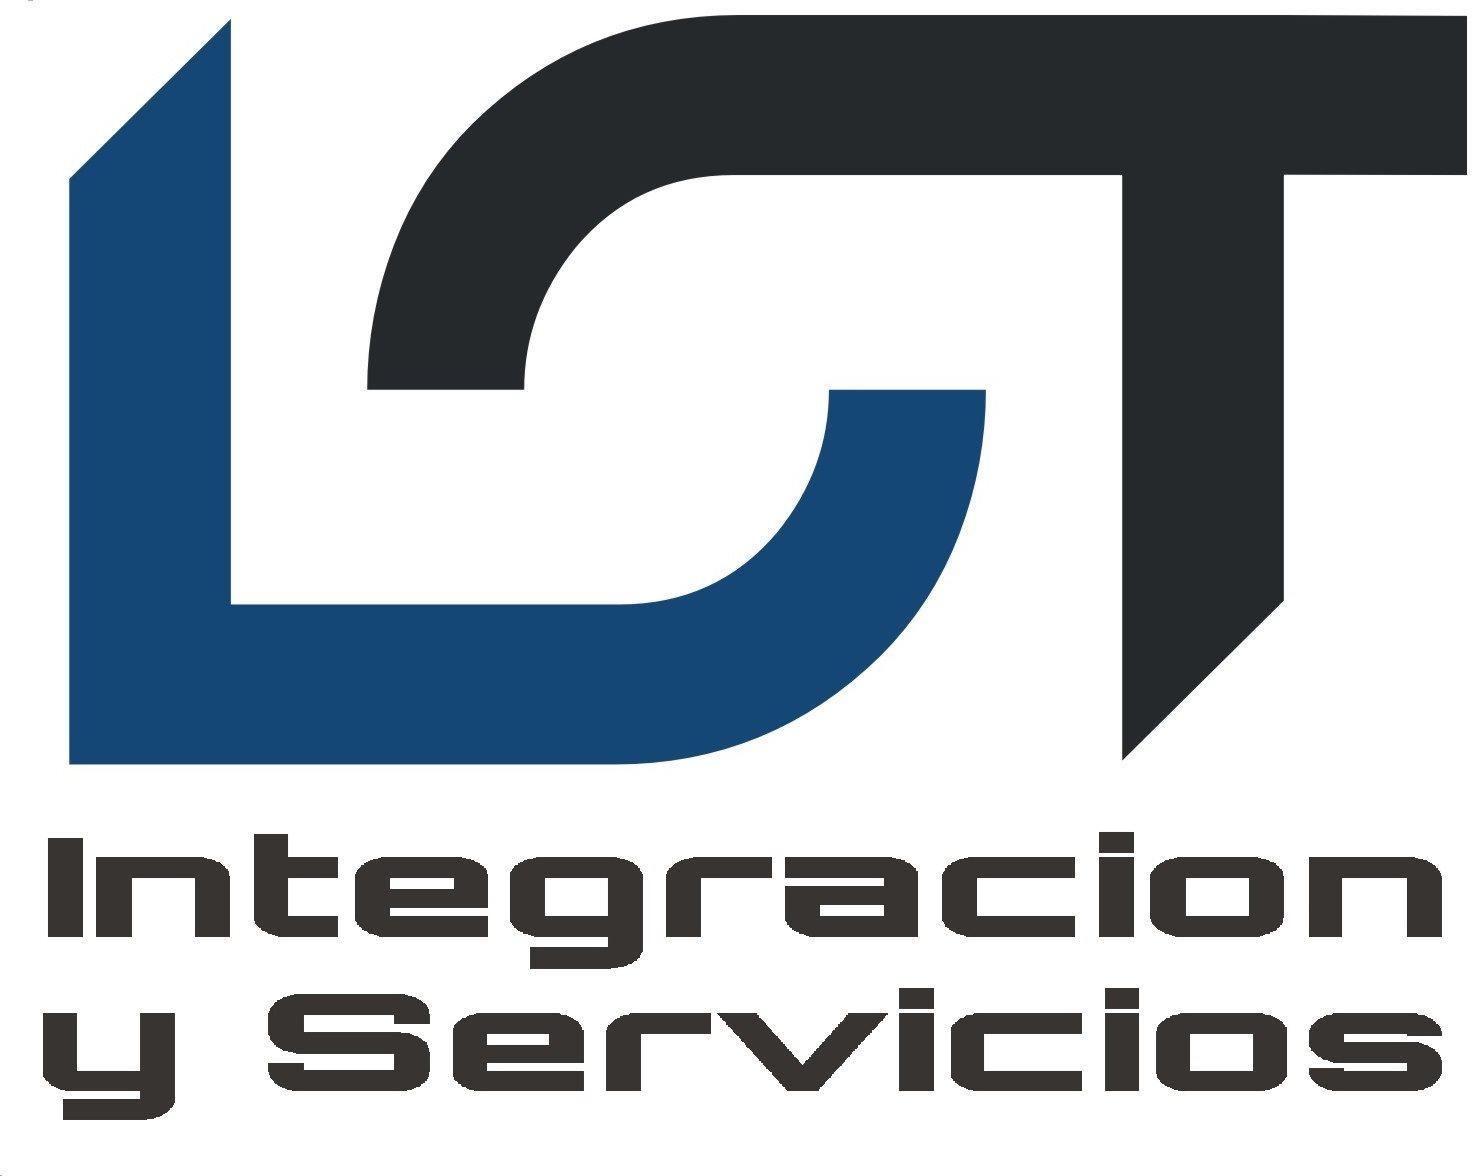 acerca de integraci u00f3n y servicios de tic s a  de c v